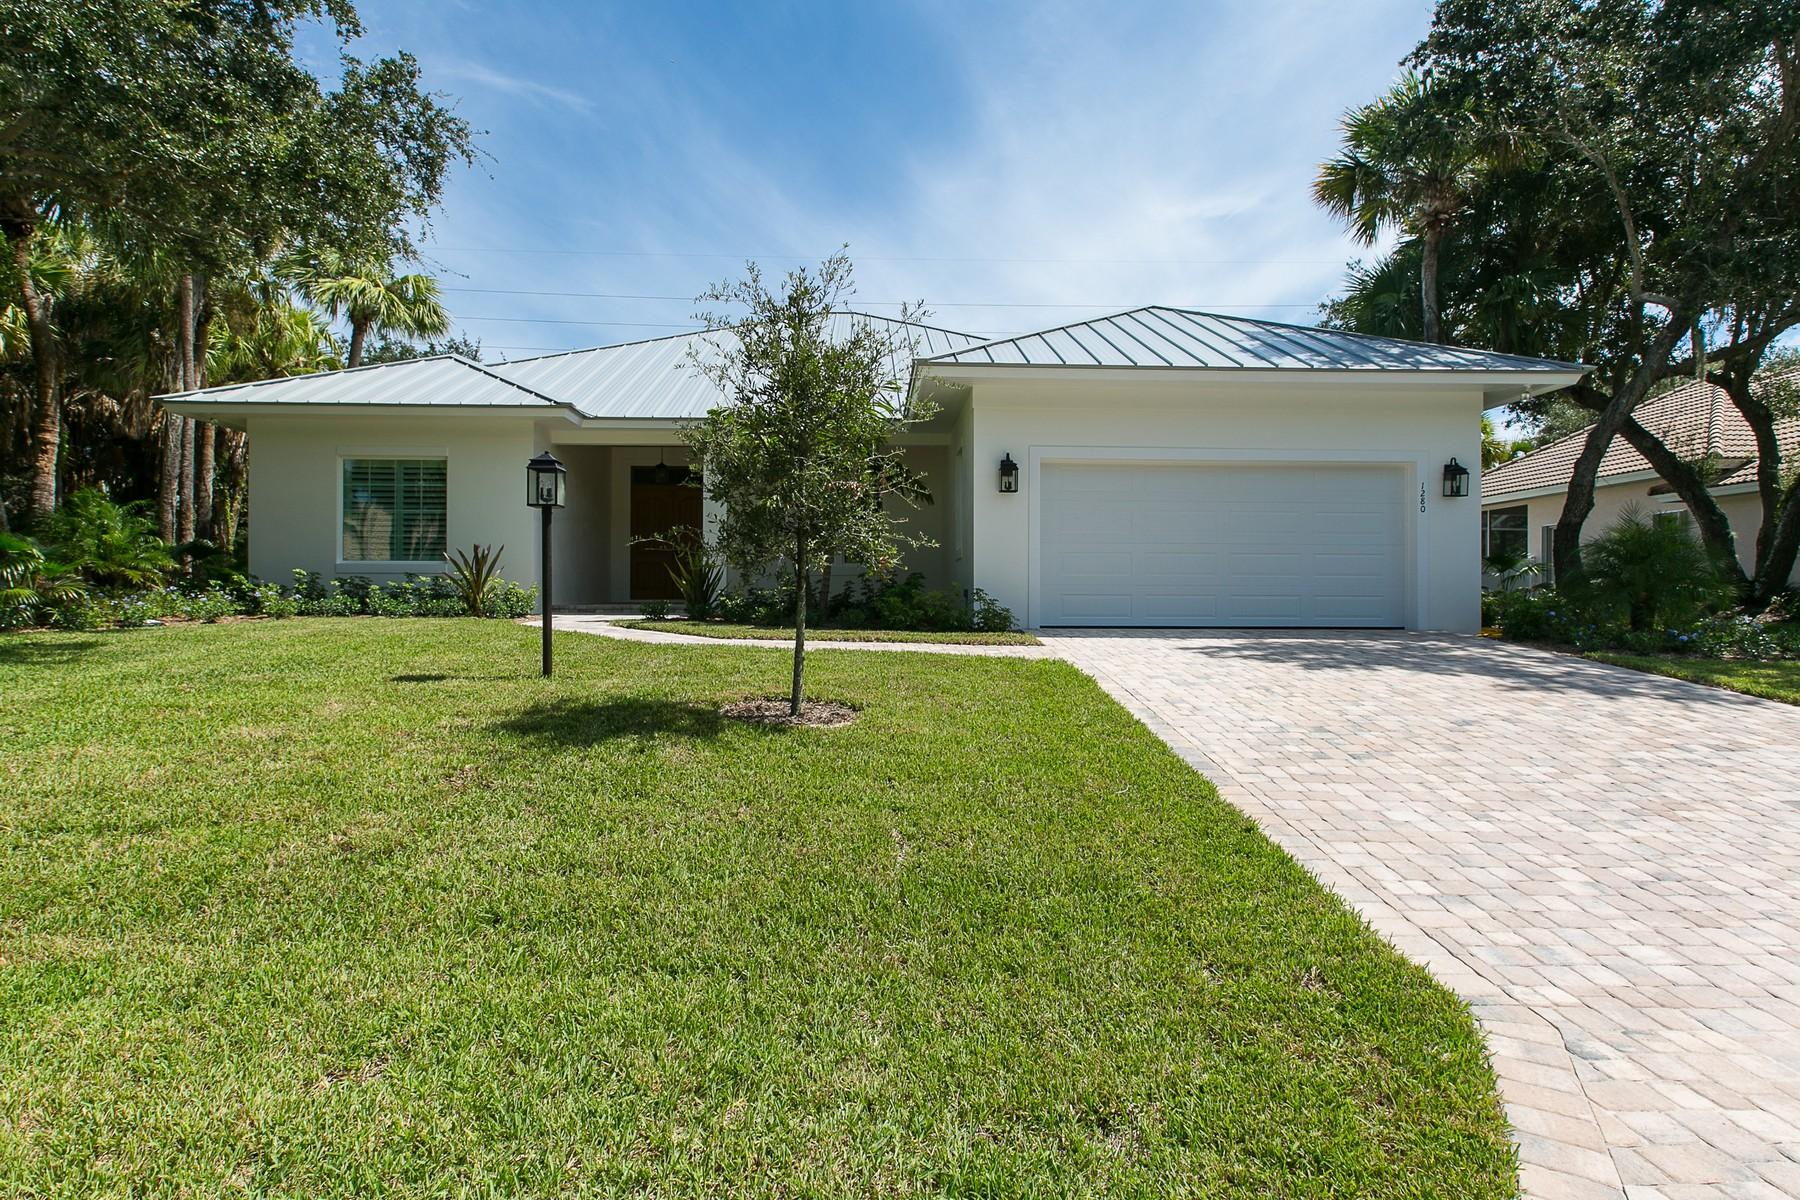 Land für Verkauf beim To Be Constructed Golf Club Home in Bent Pine 5730 Glen Eagle Lane Vero Beach, Florida, 32967 Vereinigte Staaten